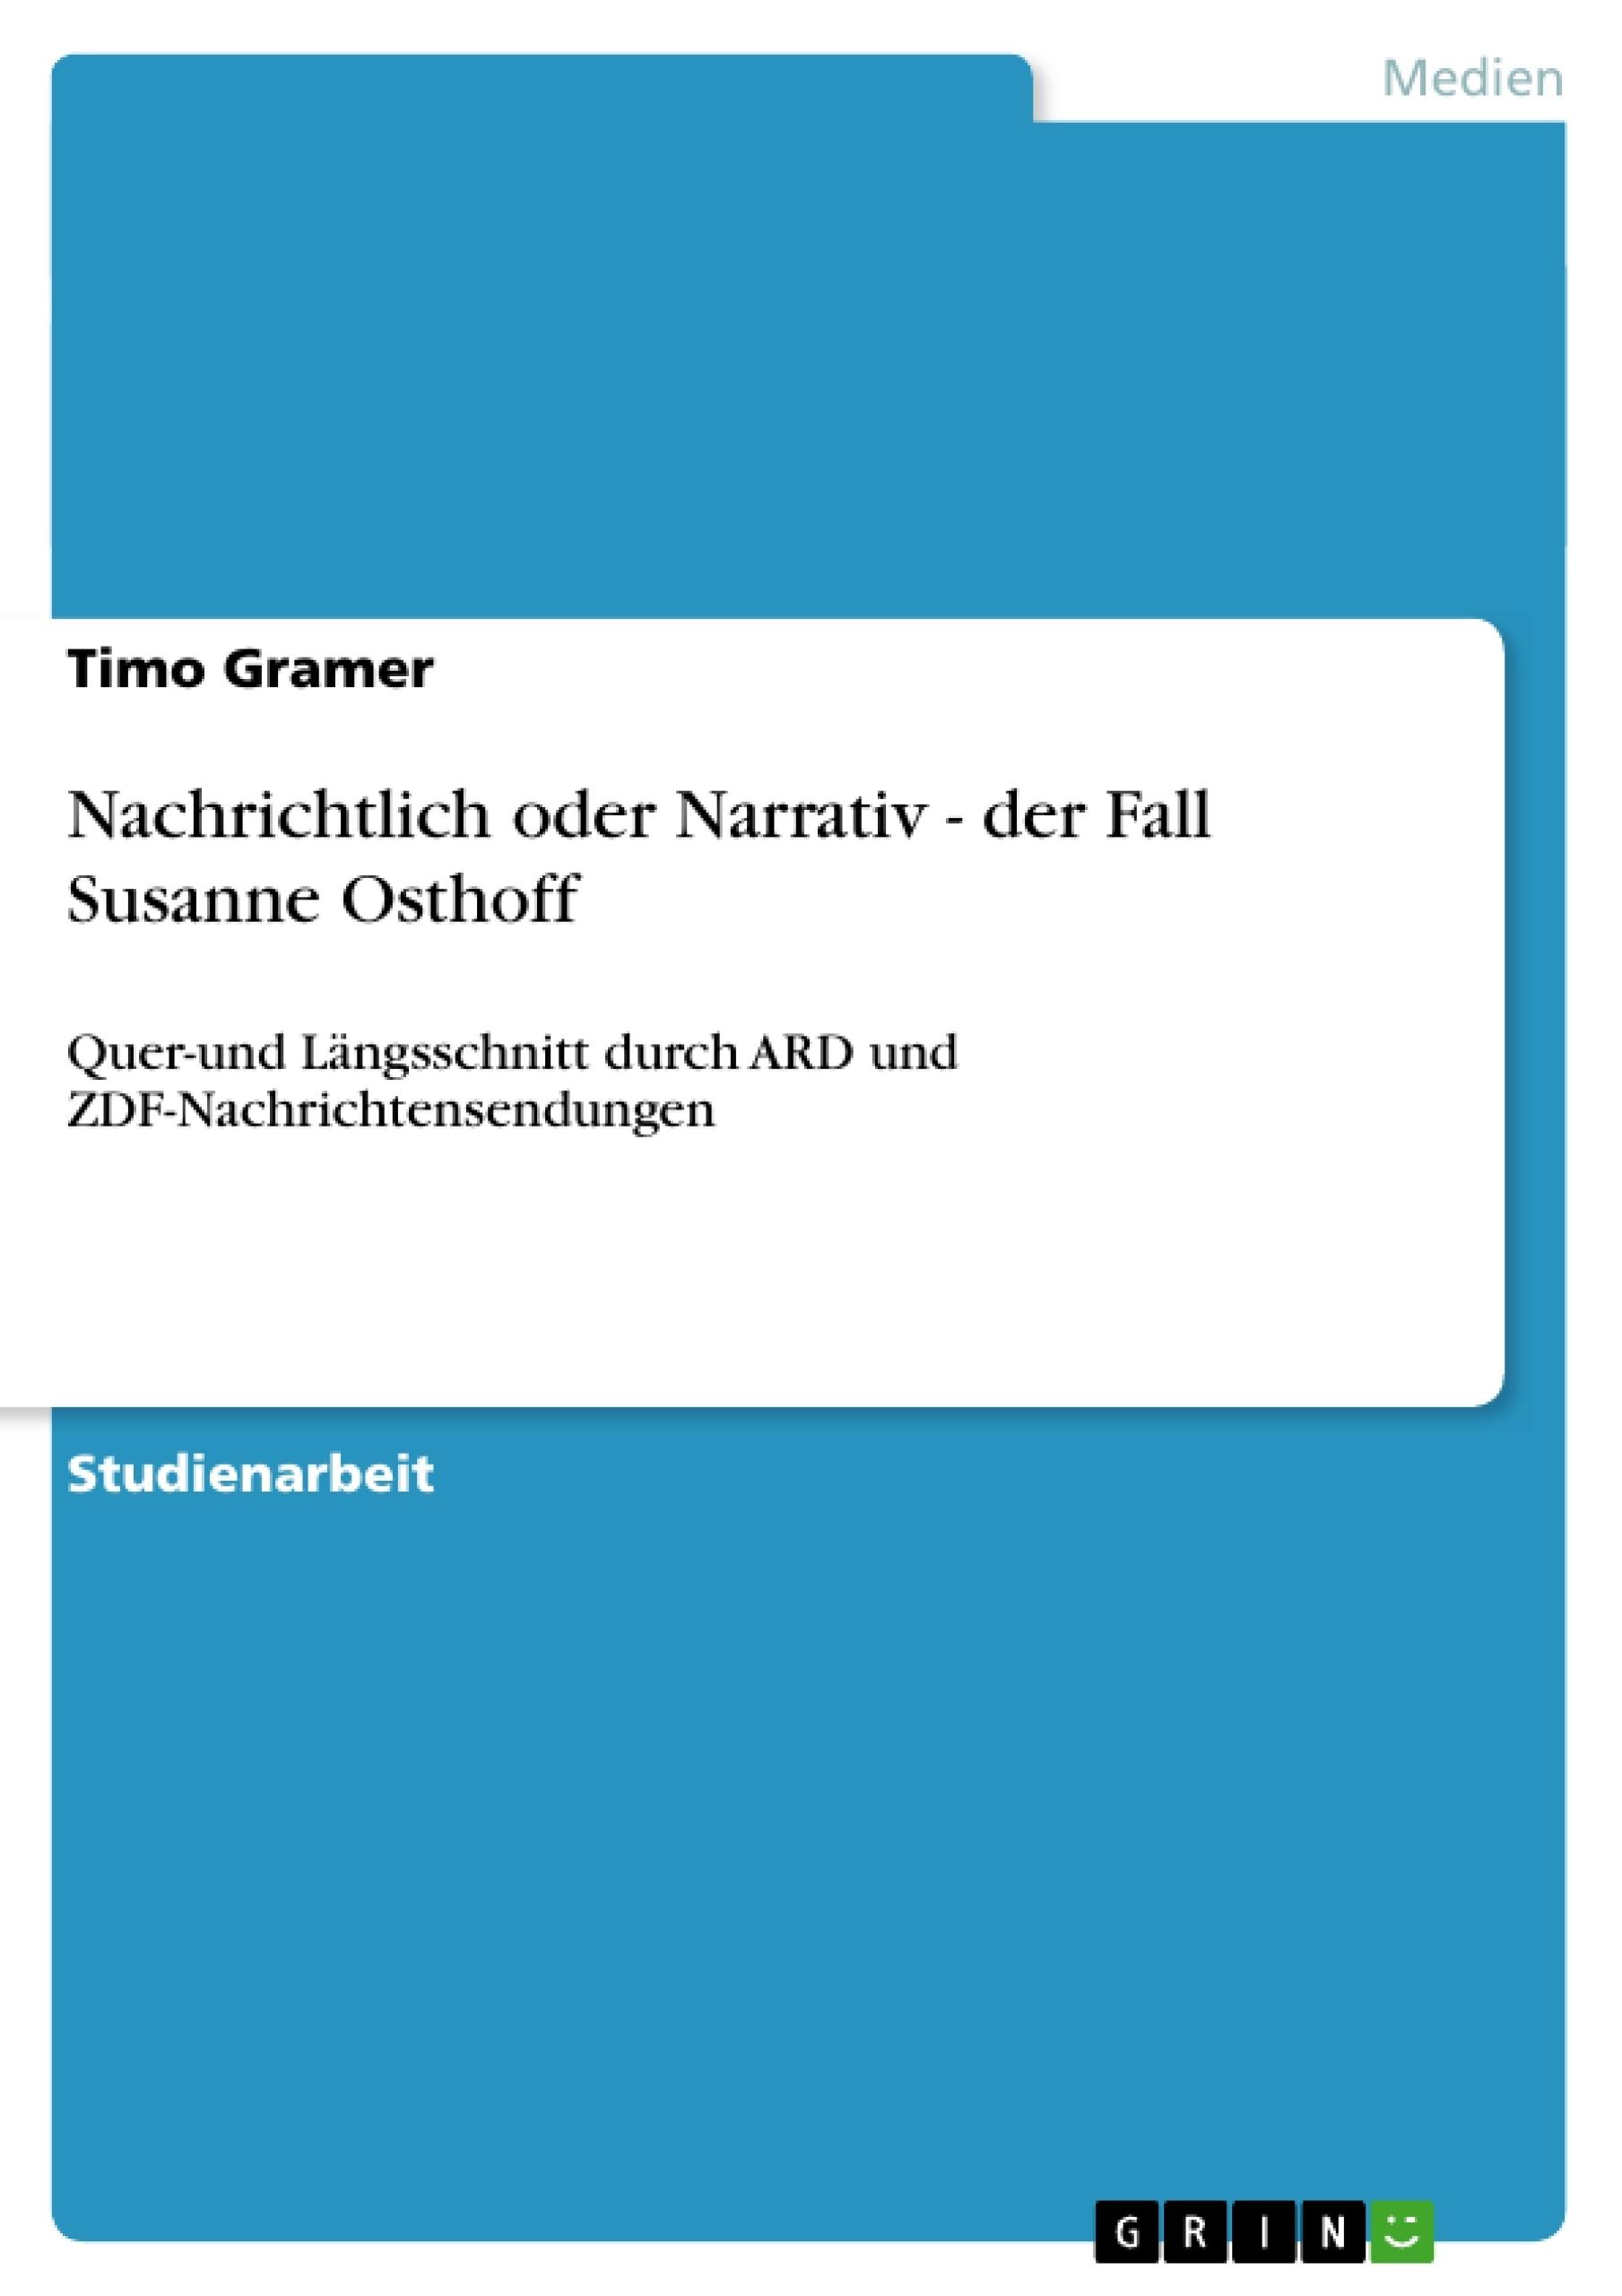 Titel: Nachrichtlich oder Narrativ - der Fall Susanne Osthoff